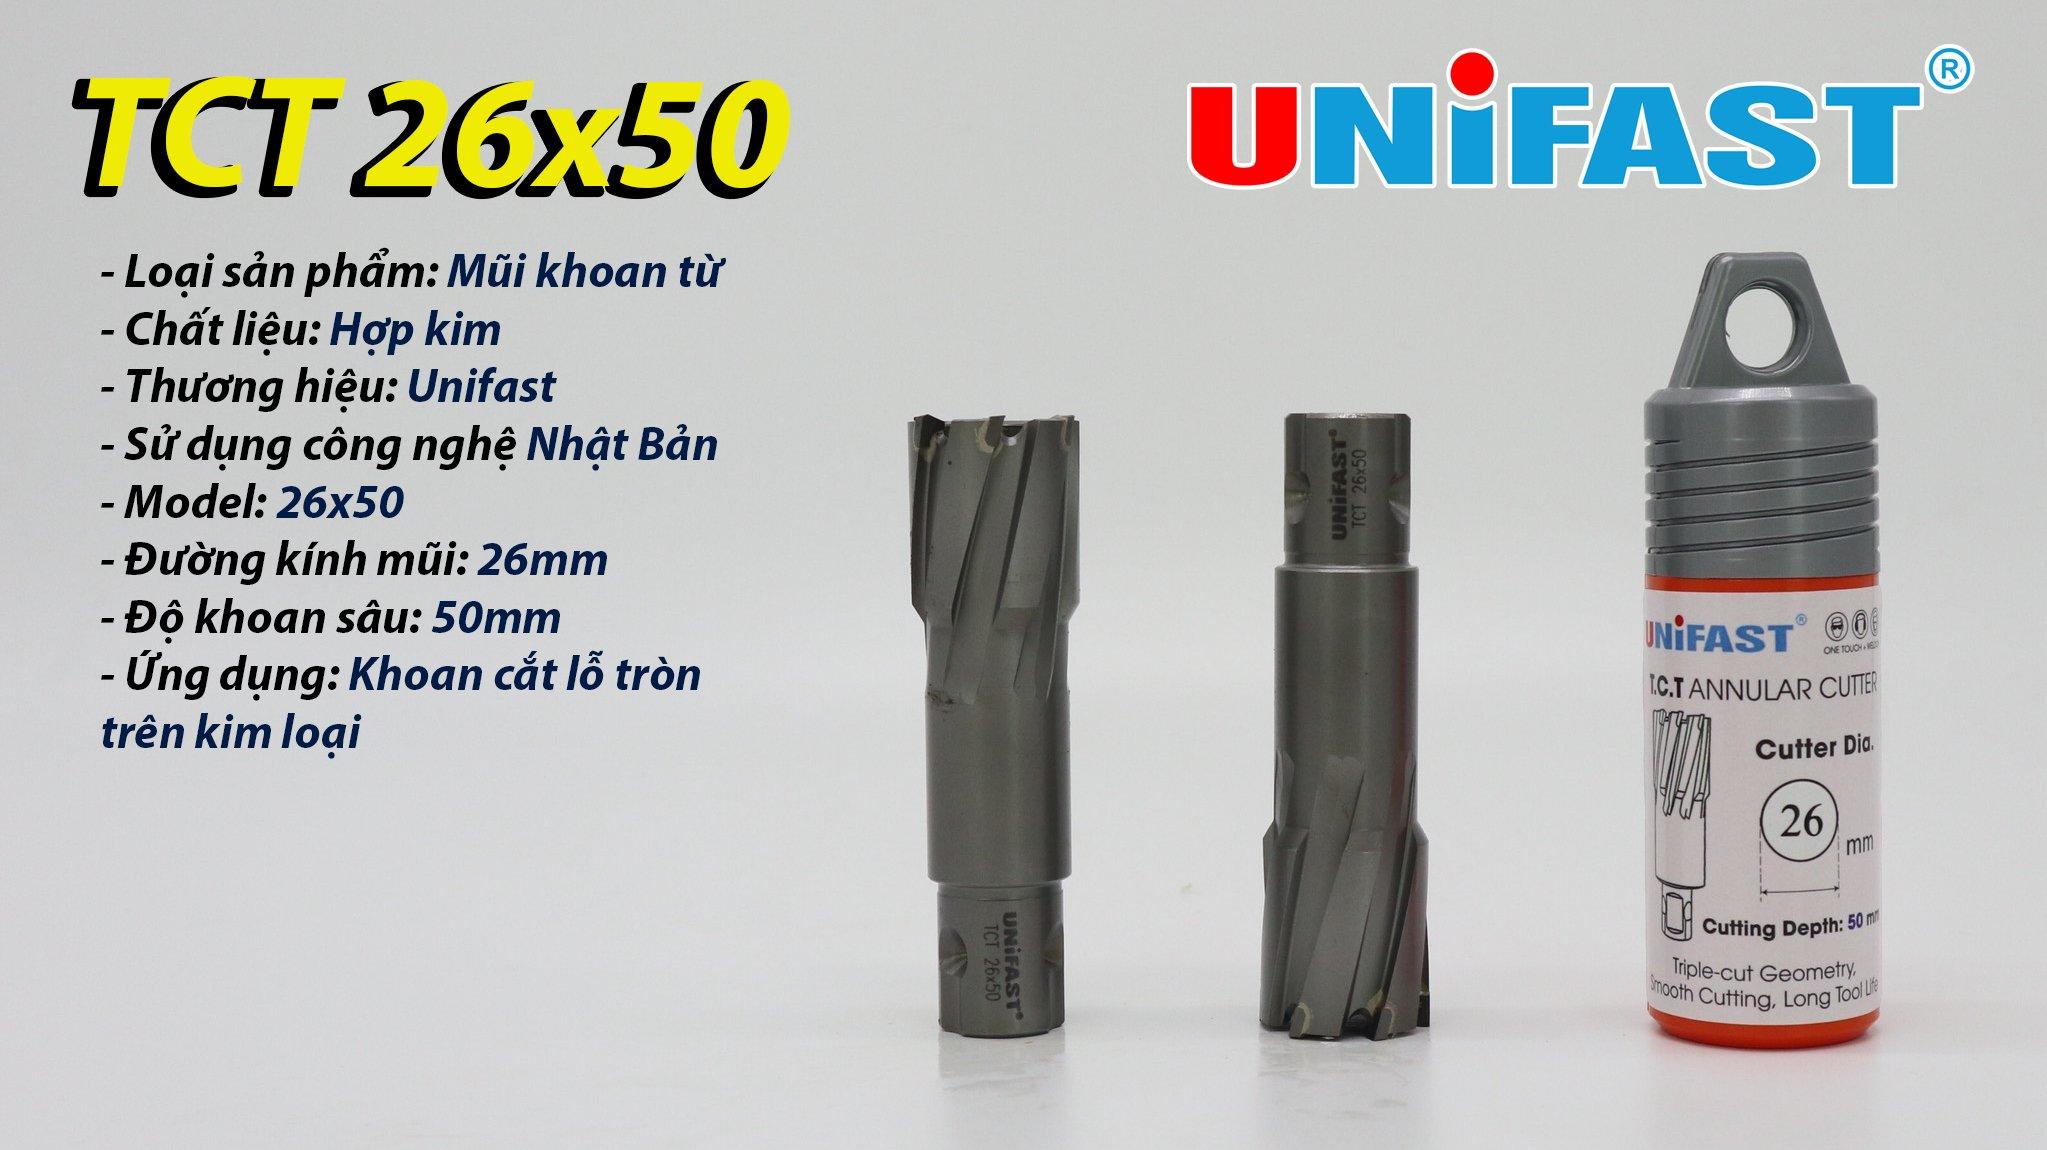 TCT Unifast 26x50